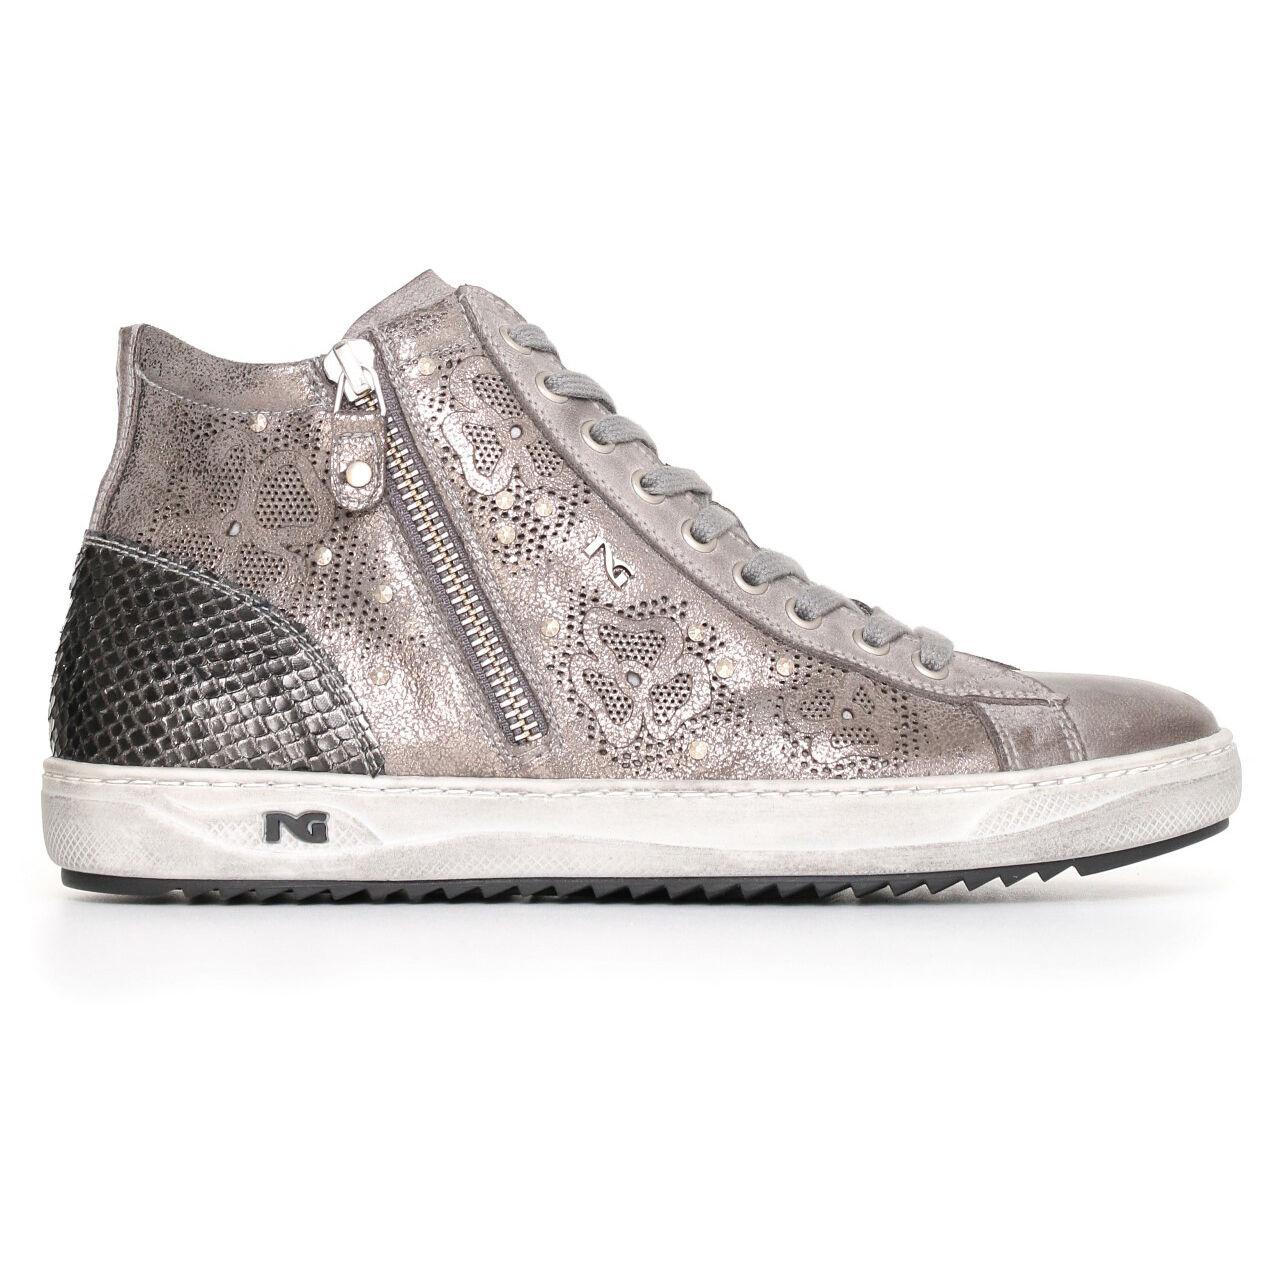 Sneaker scarpa COLLEZIONE sportiva Nerogiardini A719250D NUOVA COLLEZIONE scarpa 2017 zip OFFERTA 65677b